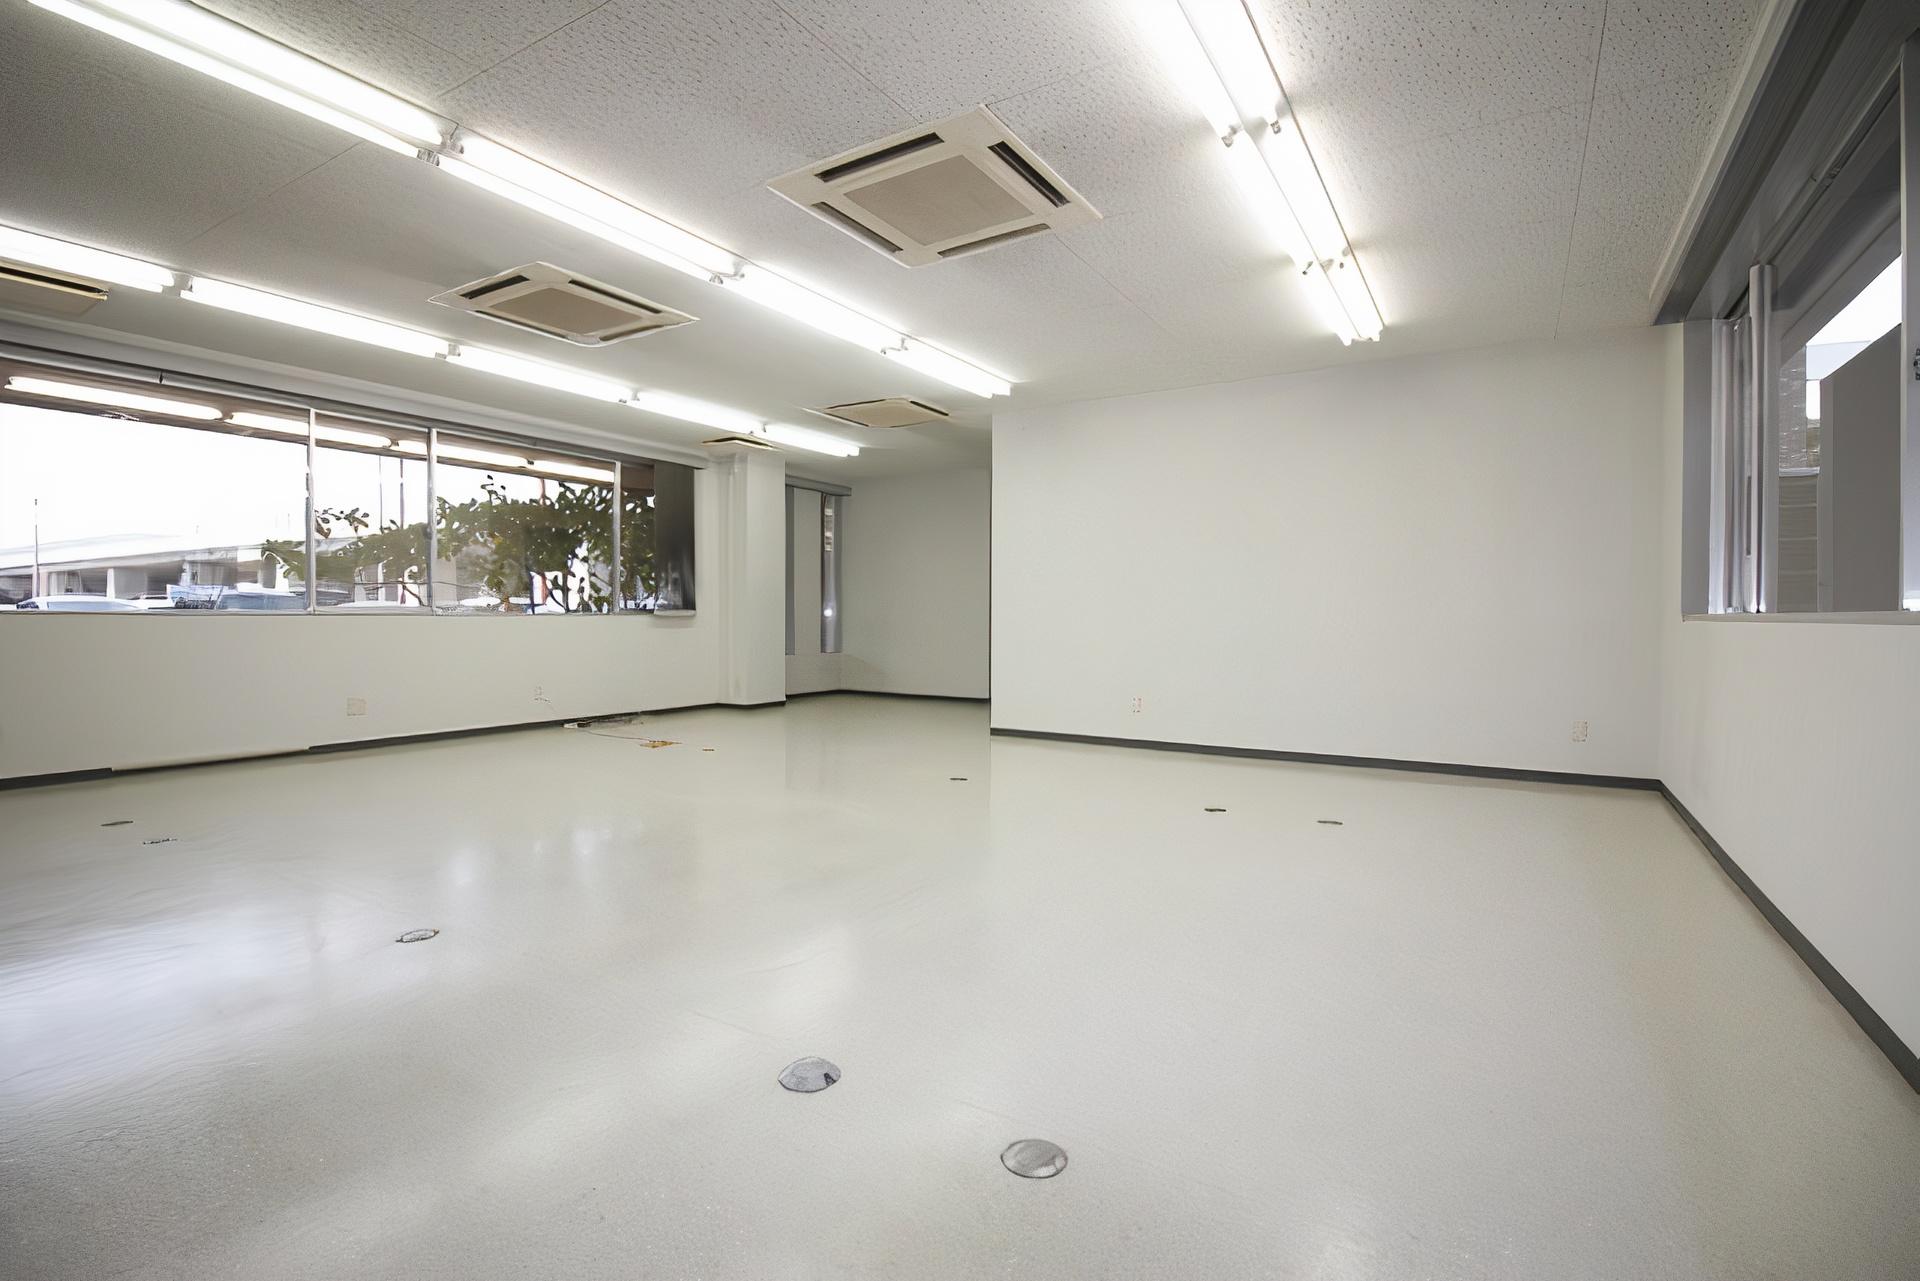 川商第5ビル 燕三条駅前ビル 1F B室